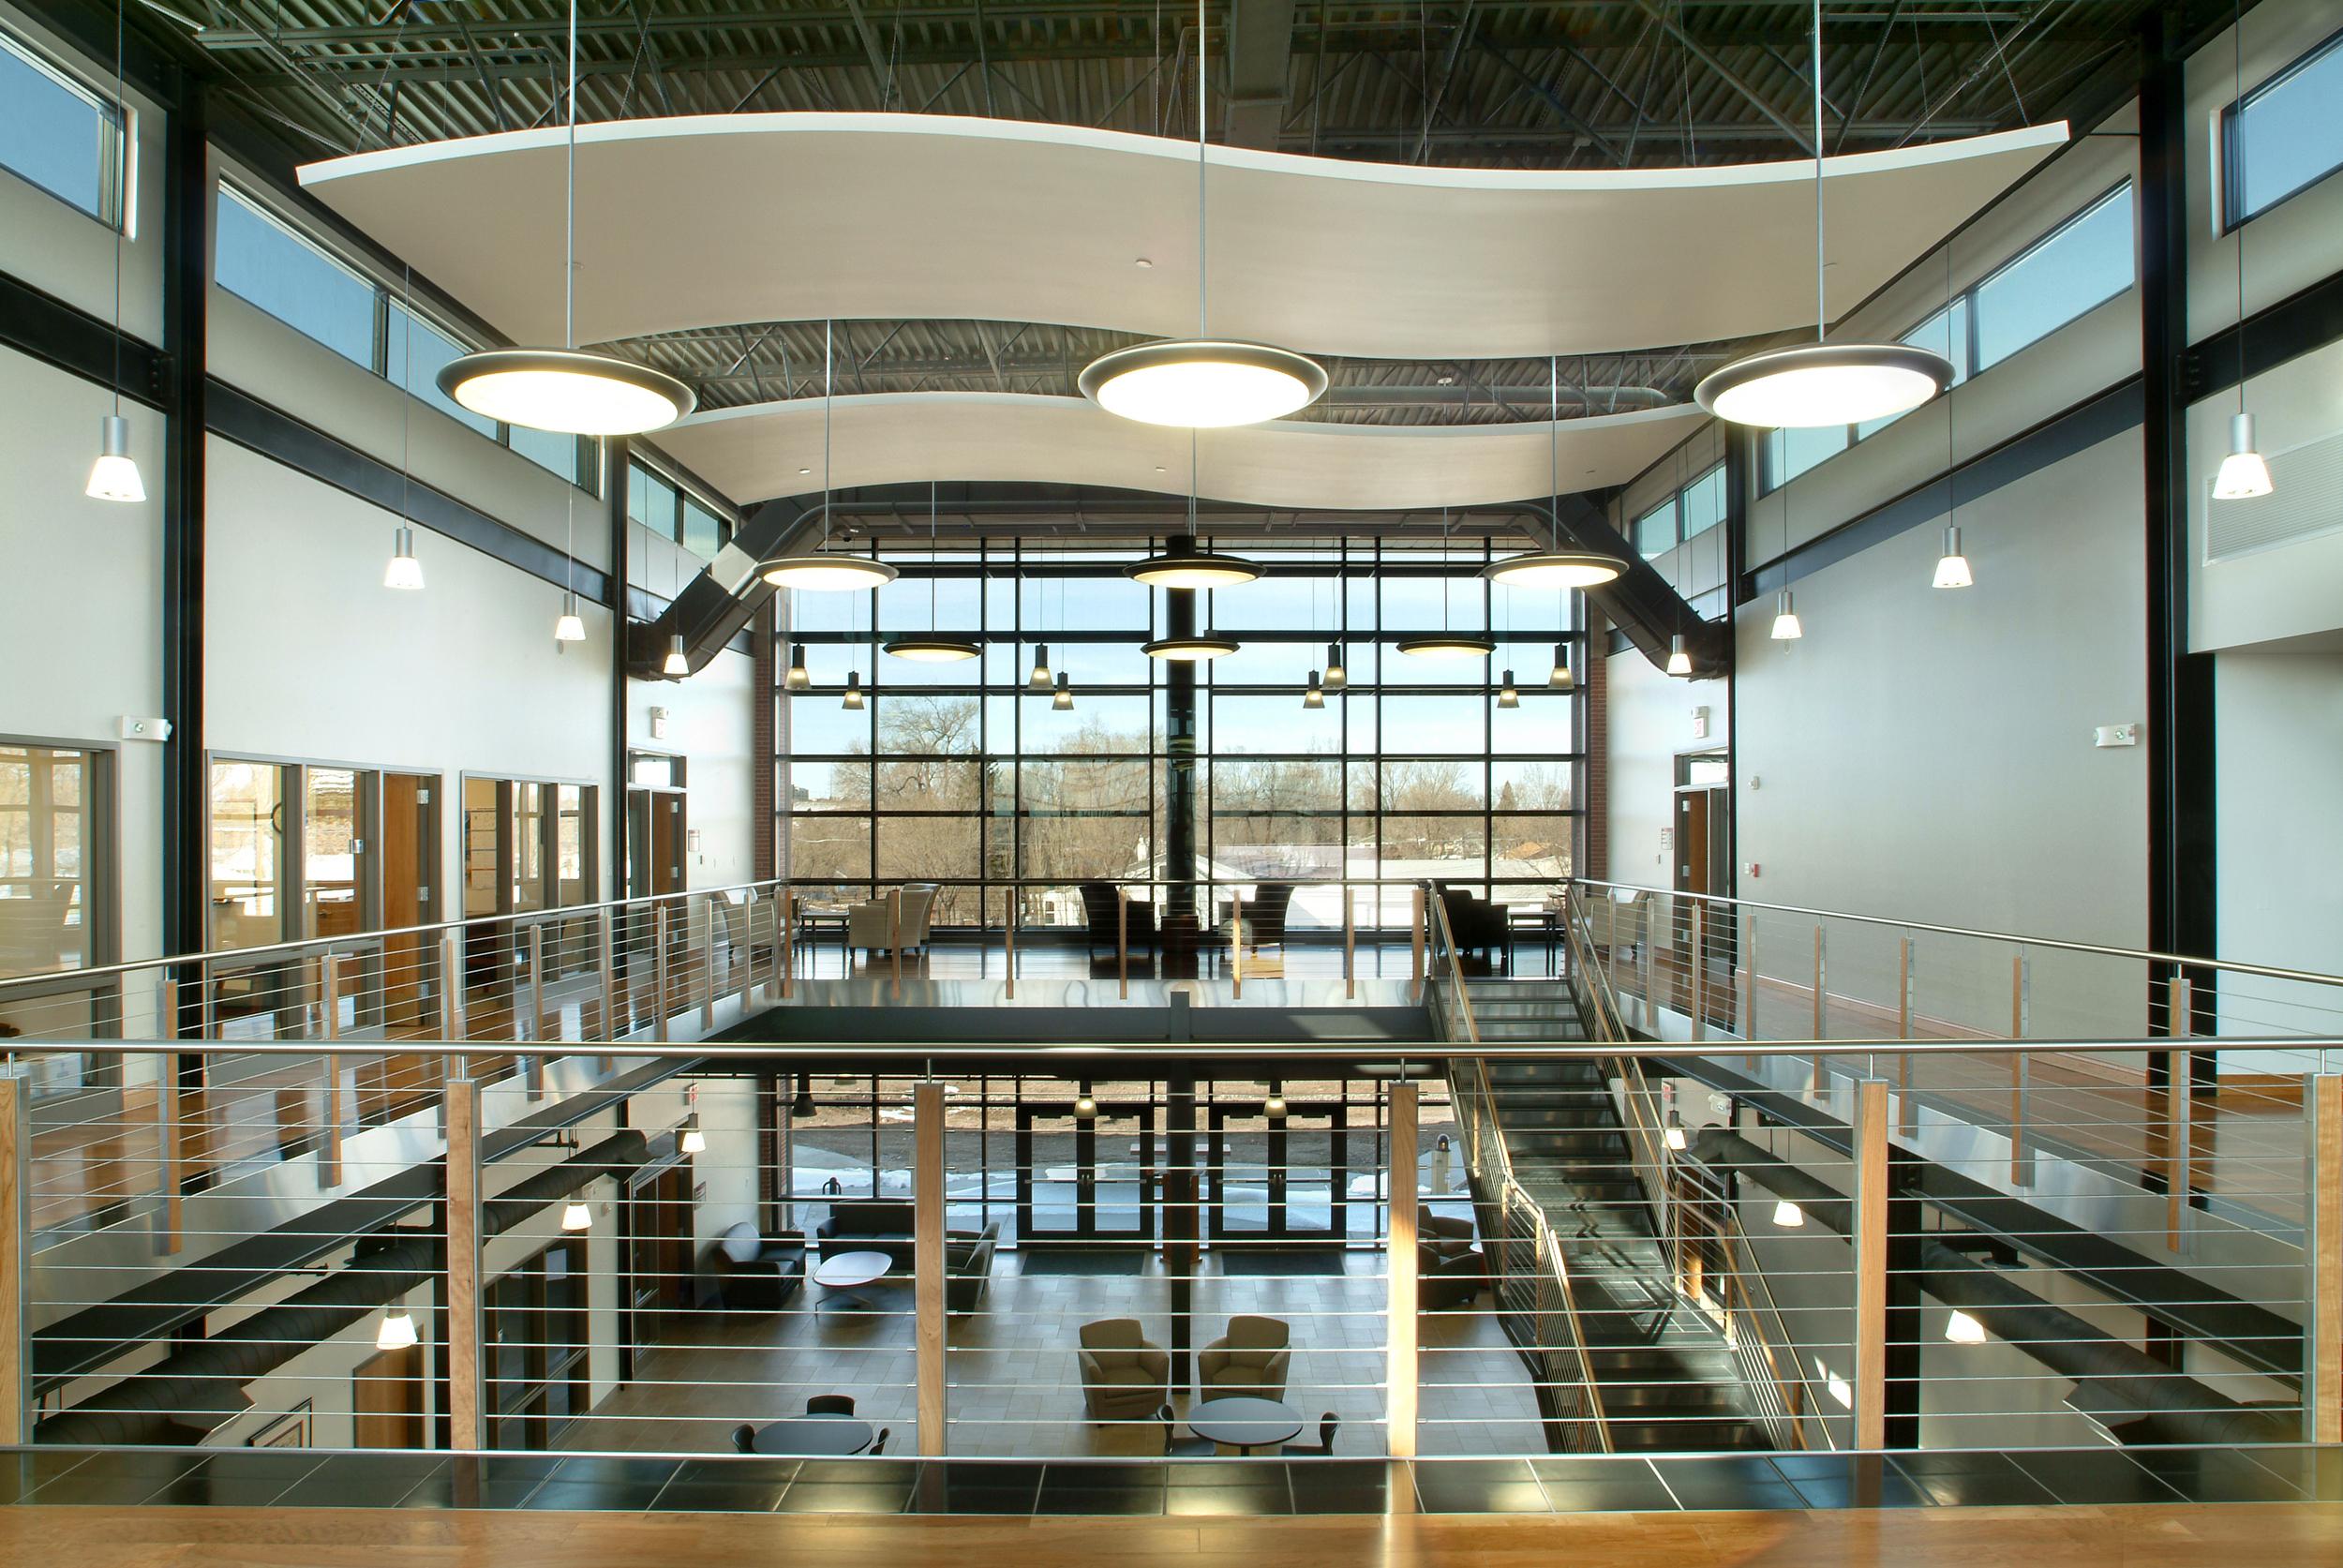 PIC 0701 Interior - Atrium 1.jpg